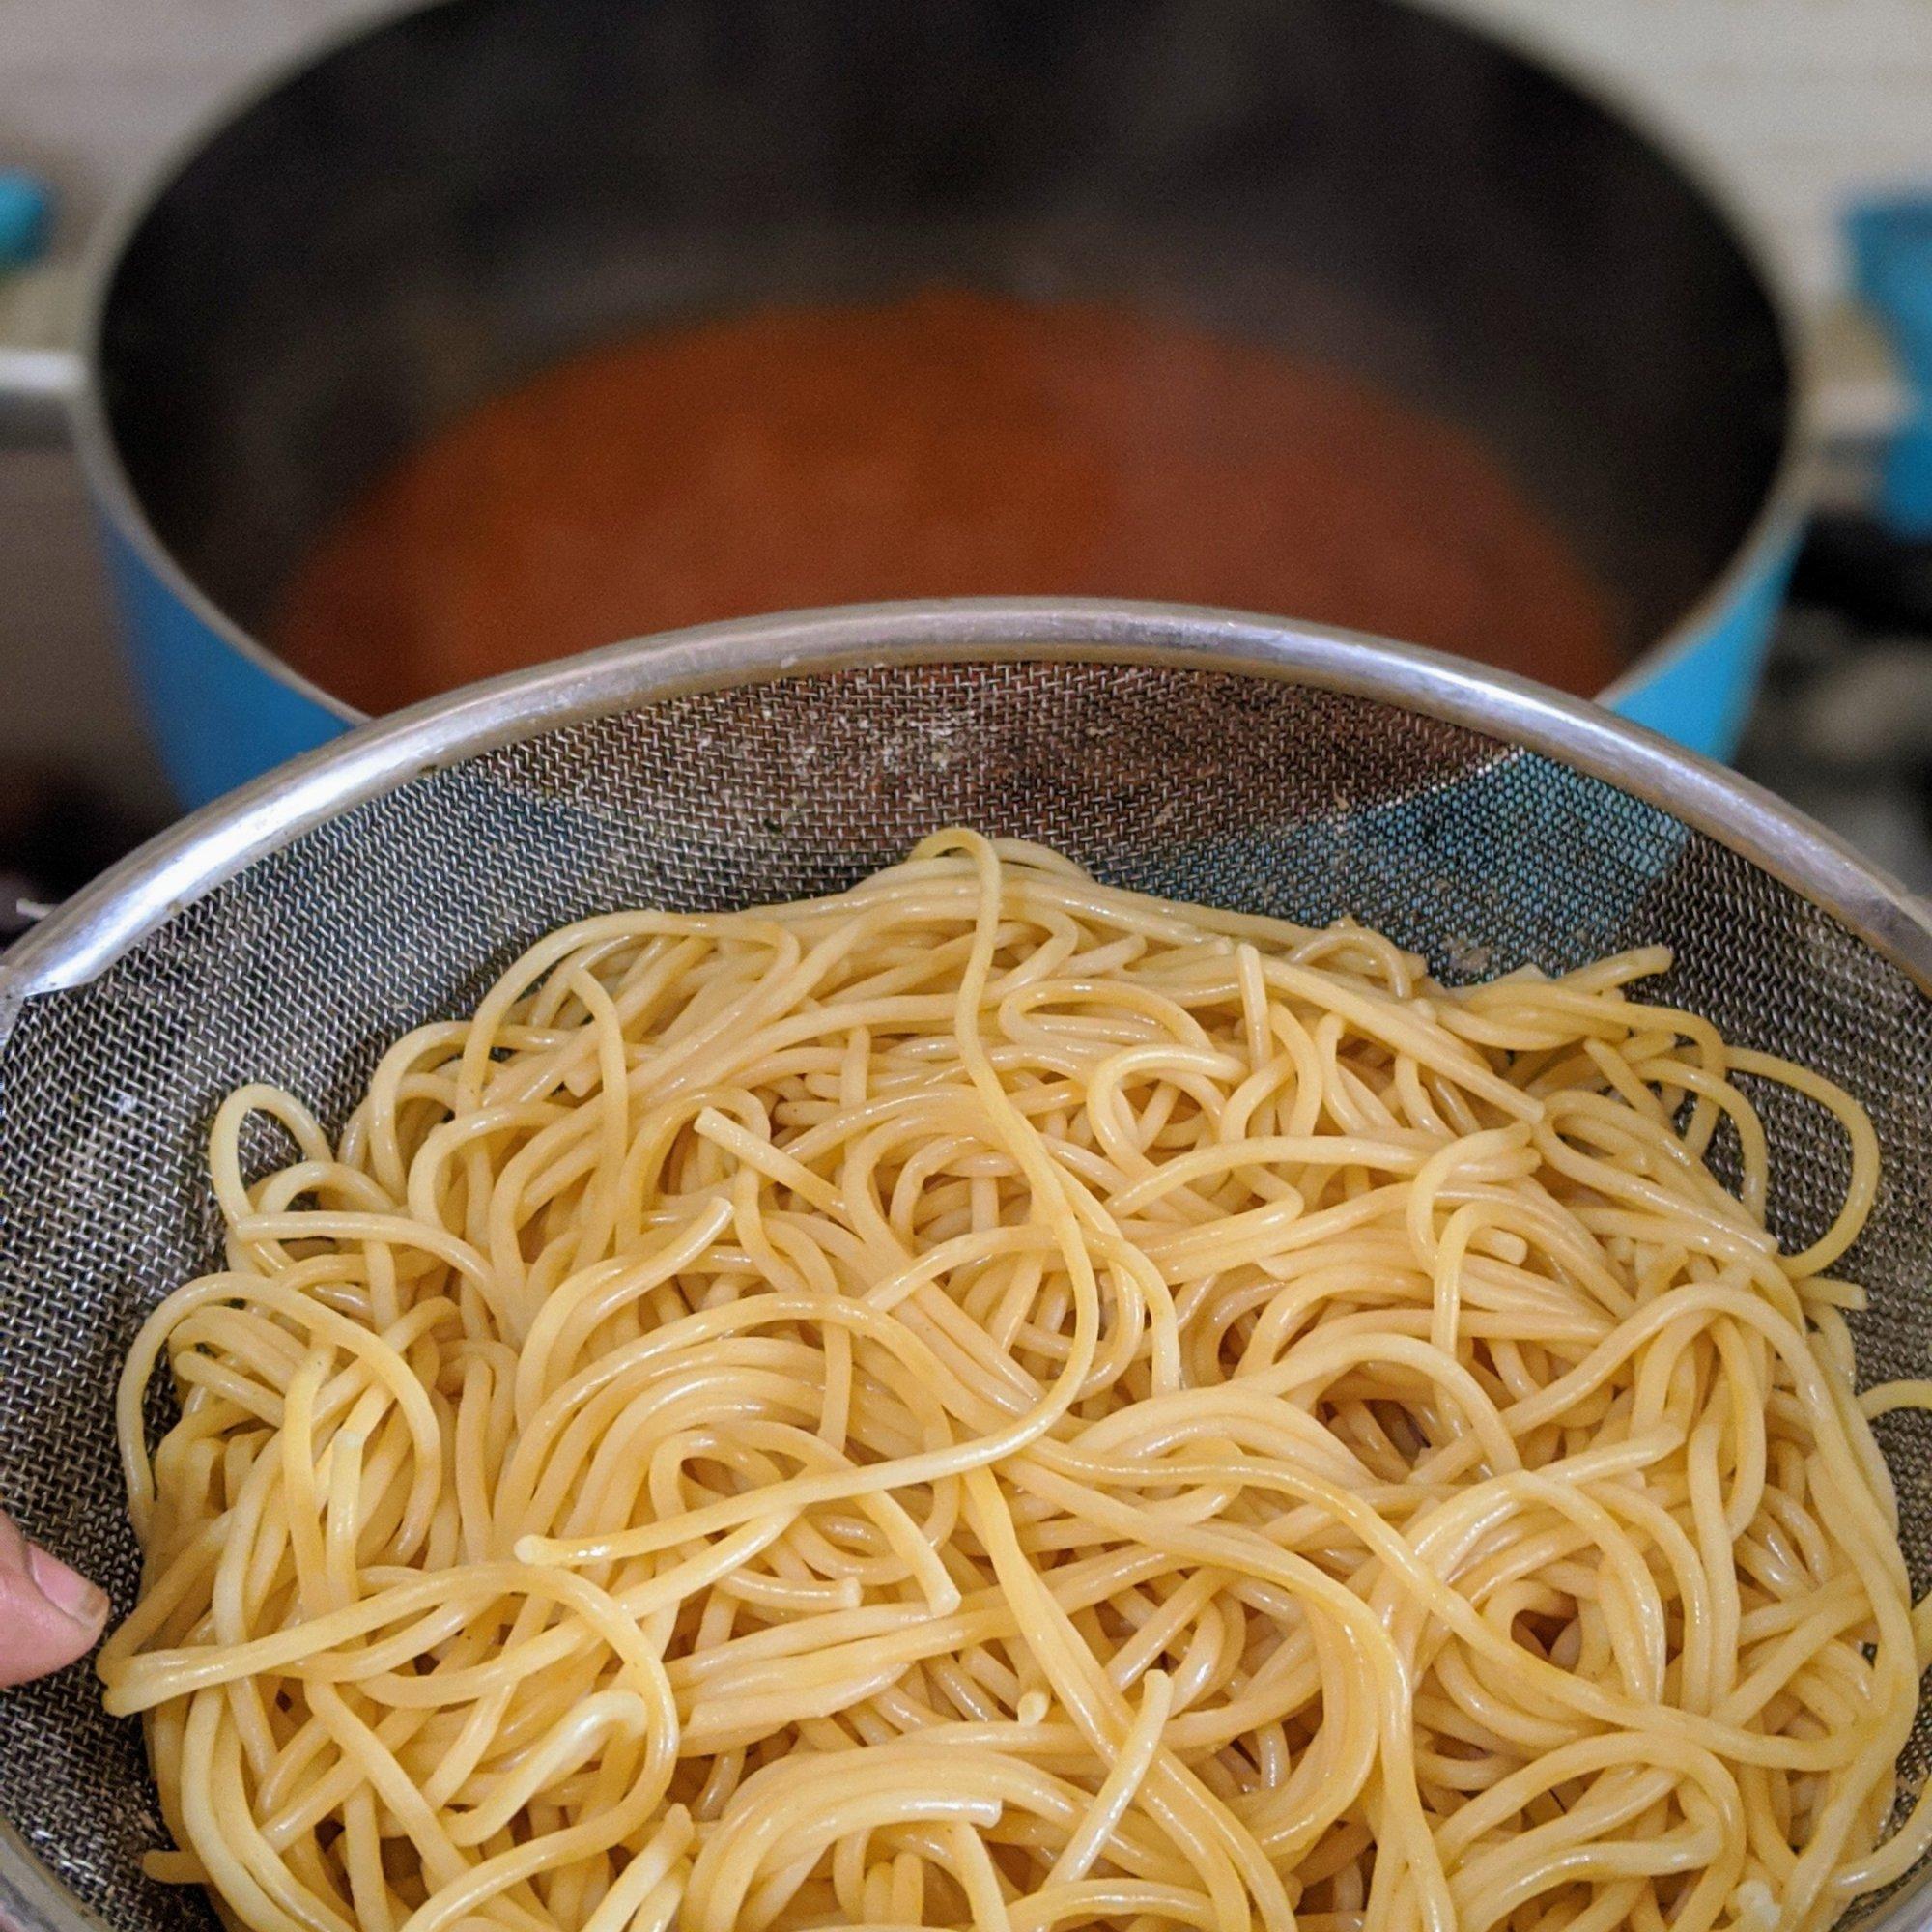 Add in the spaghetti